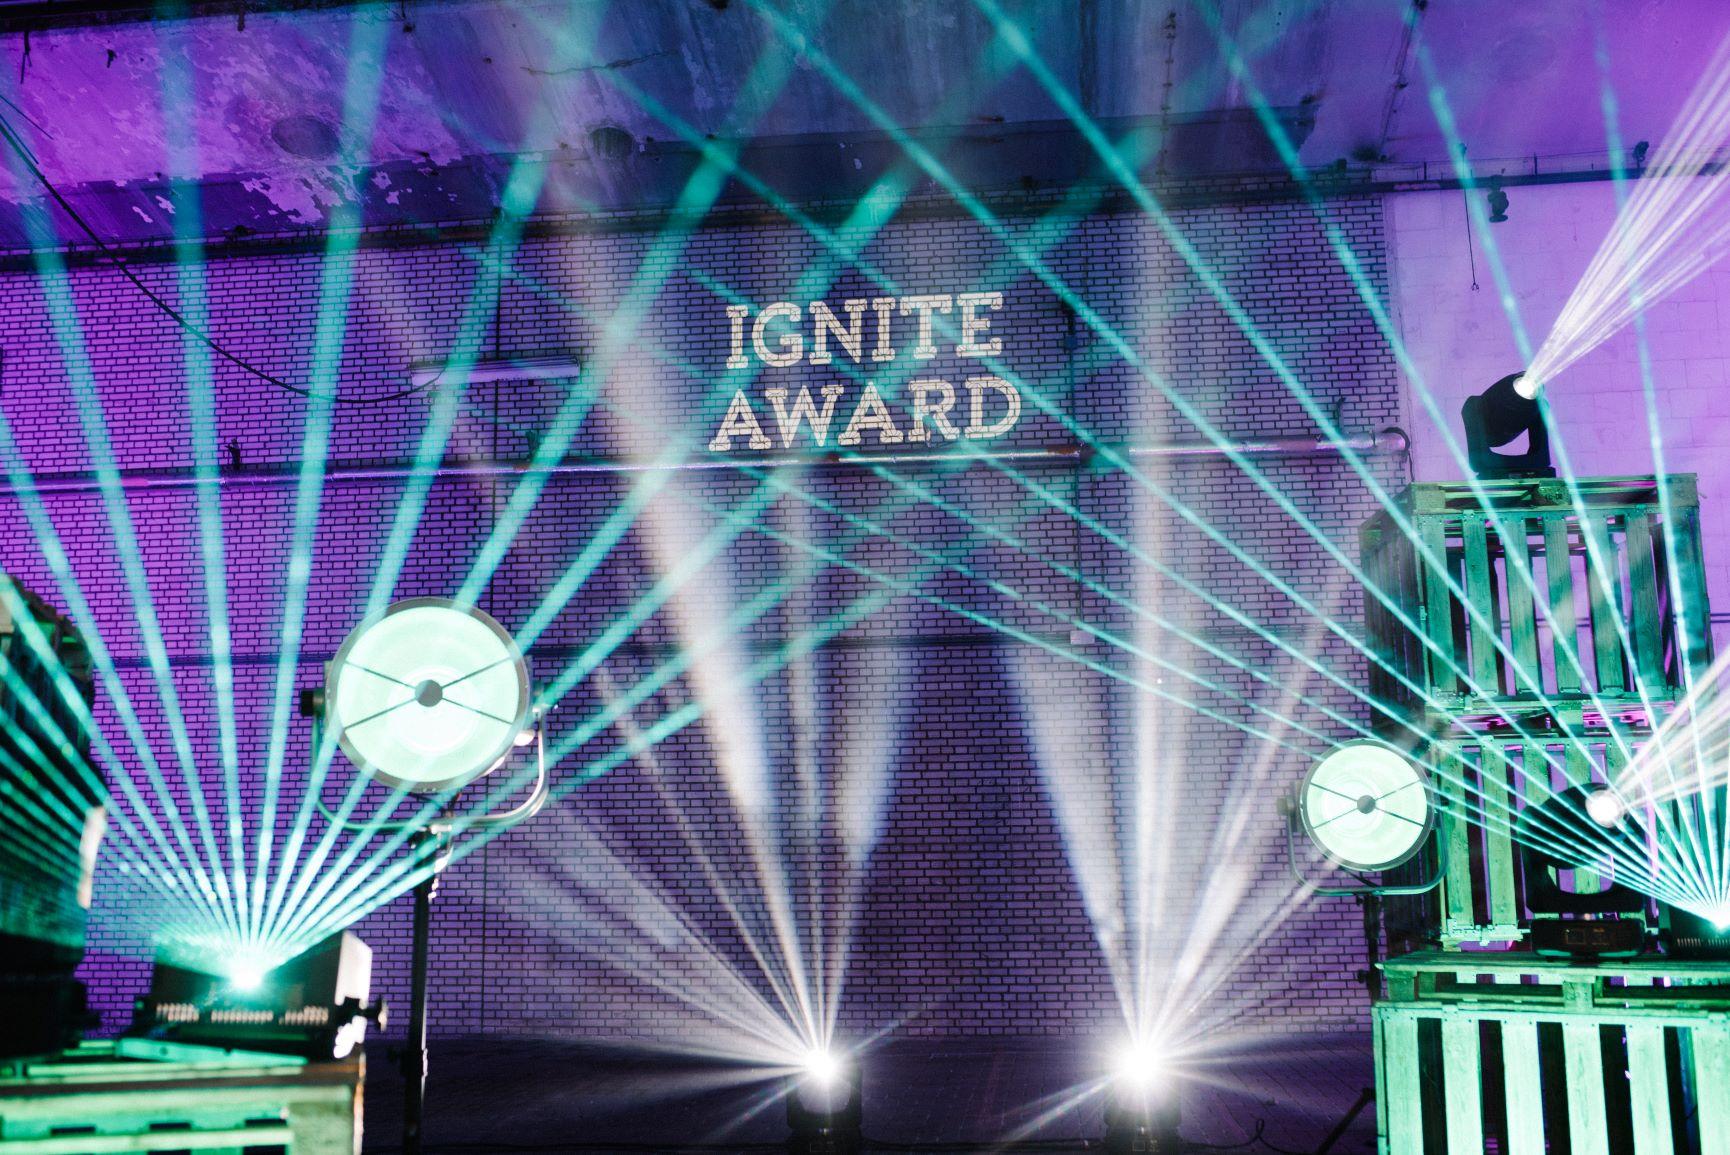 Finale IGNITE Award